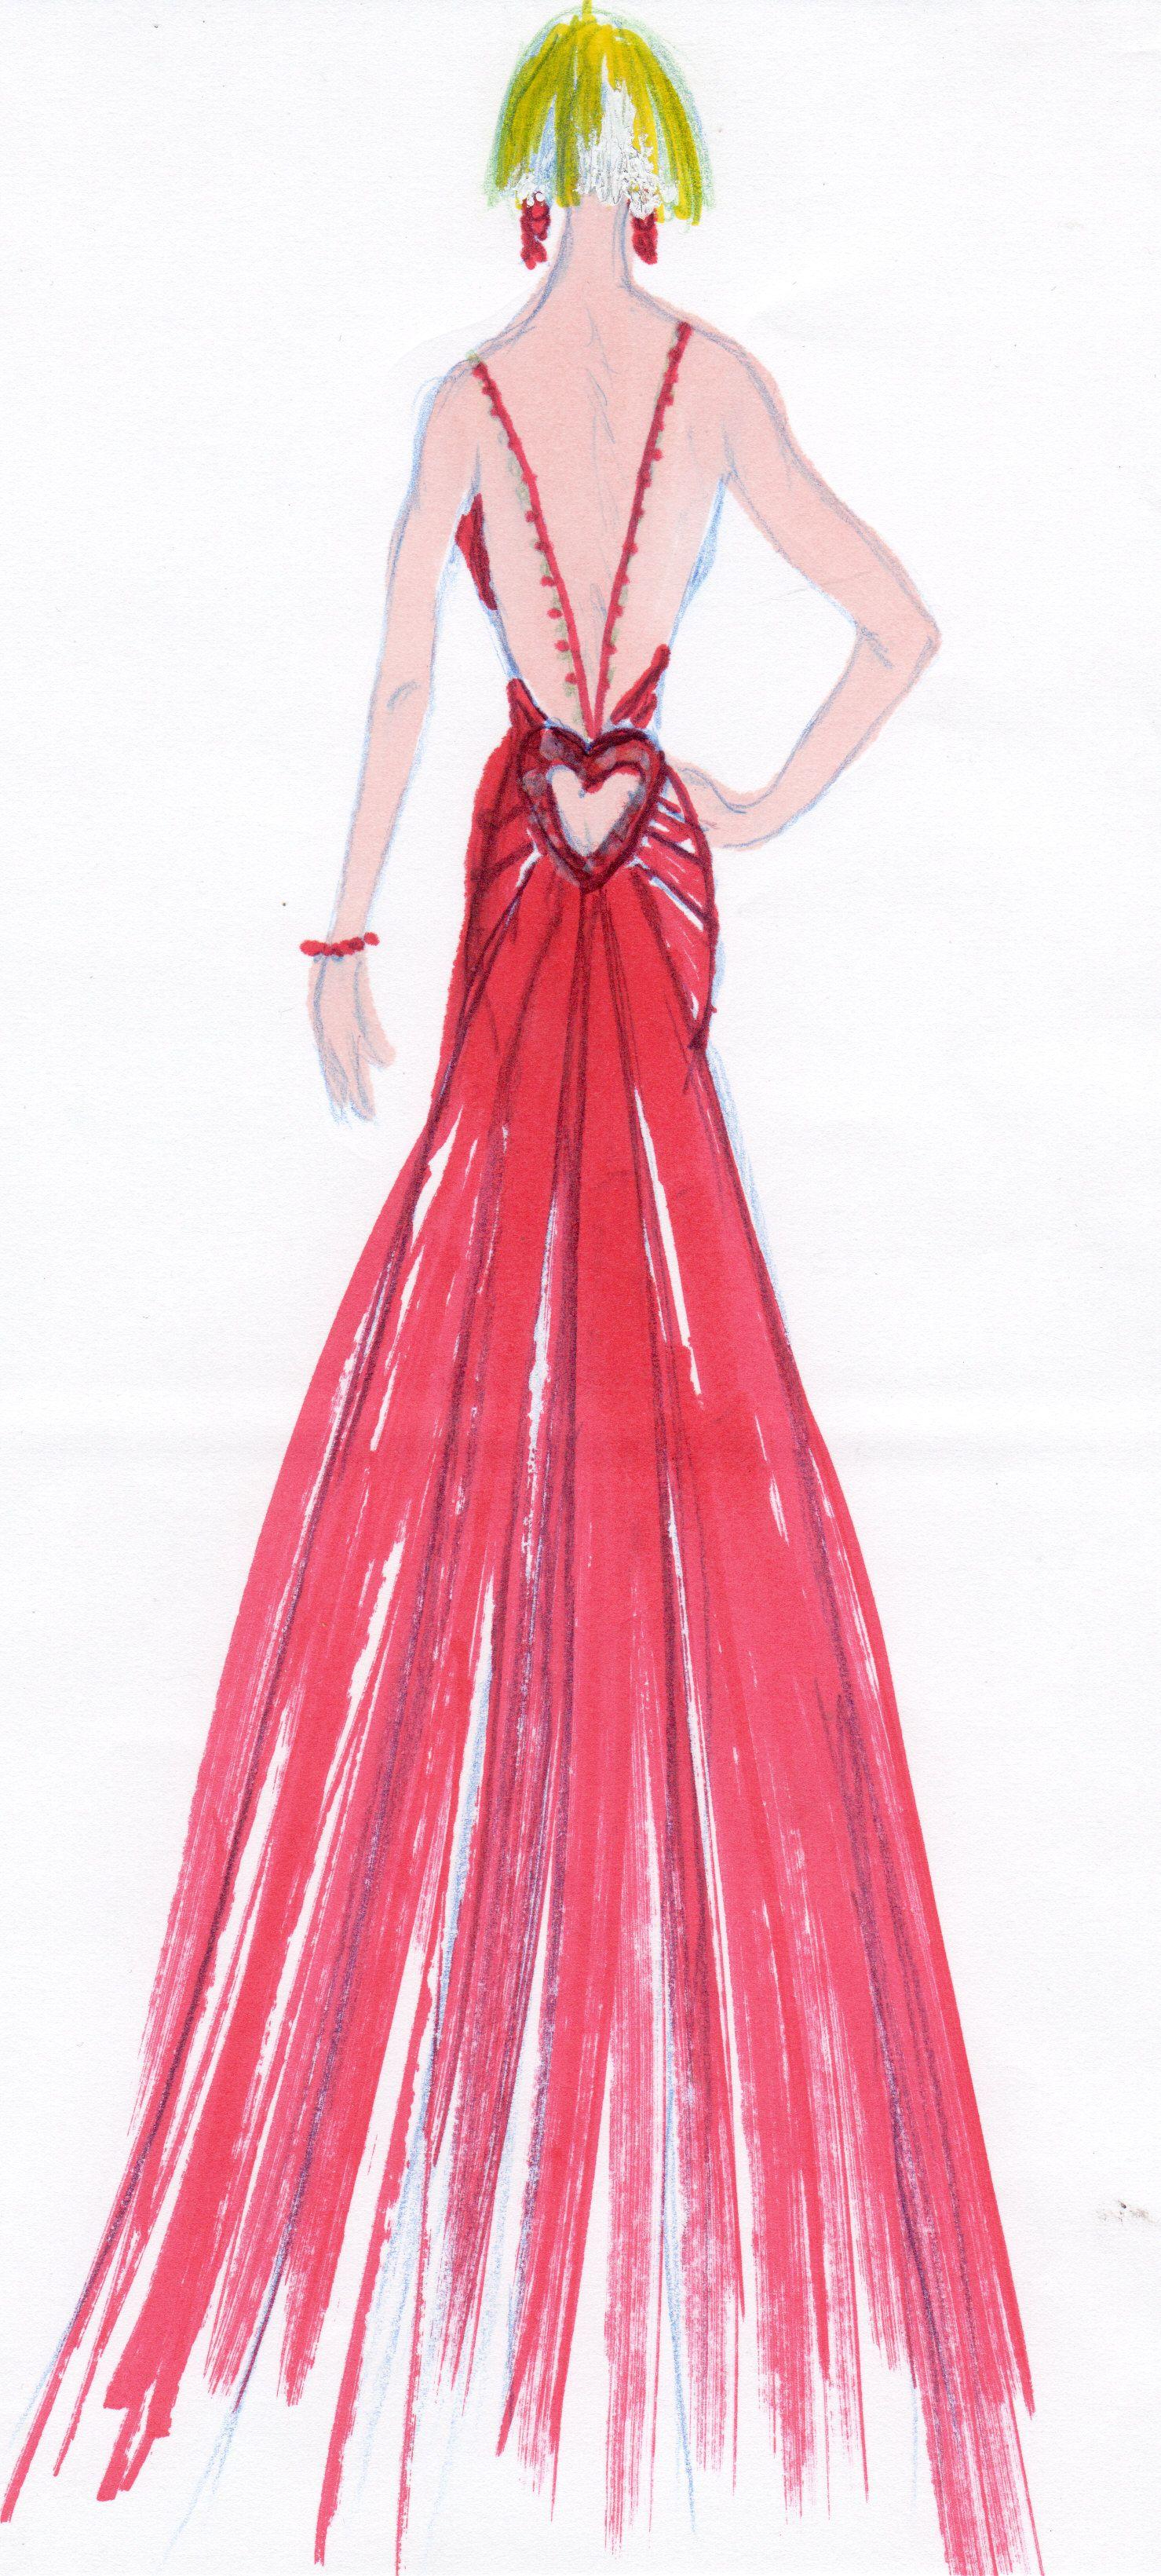 Dorable Prom Dresses Sketches Colección de Imágenes - Colección del ...